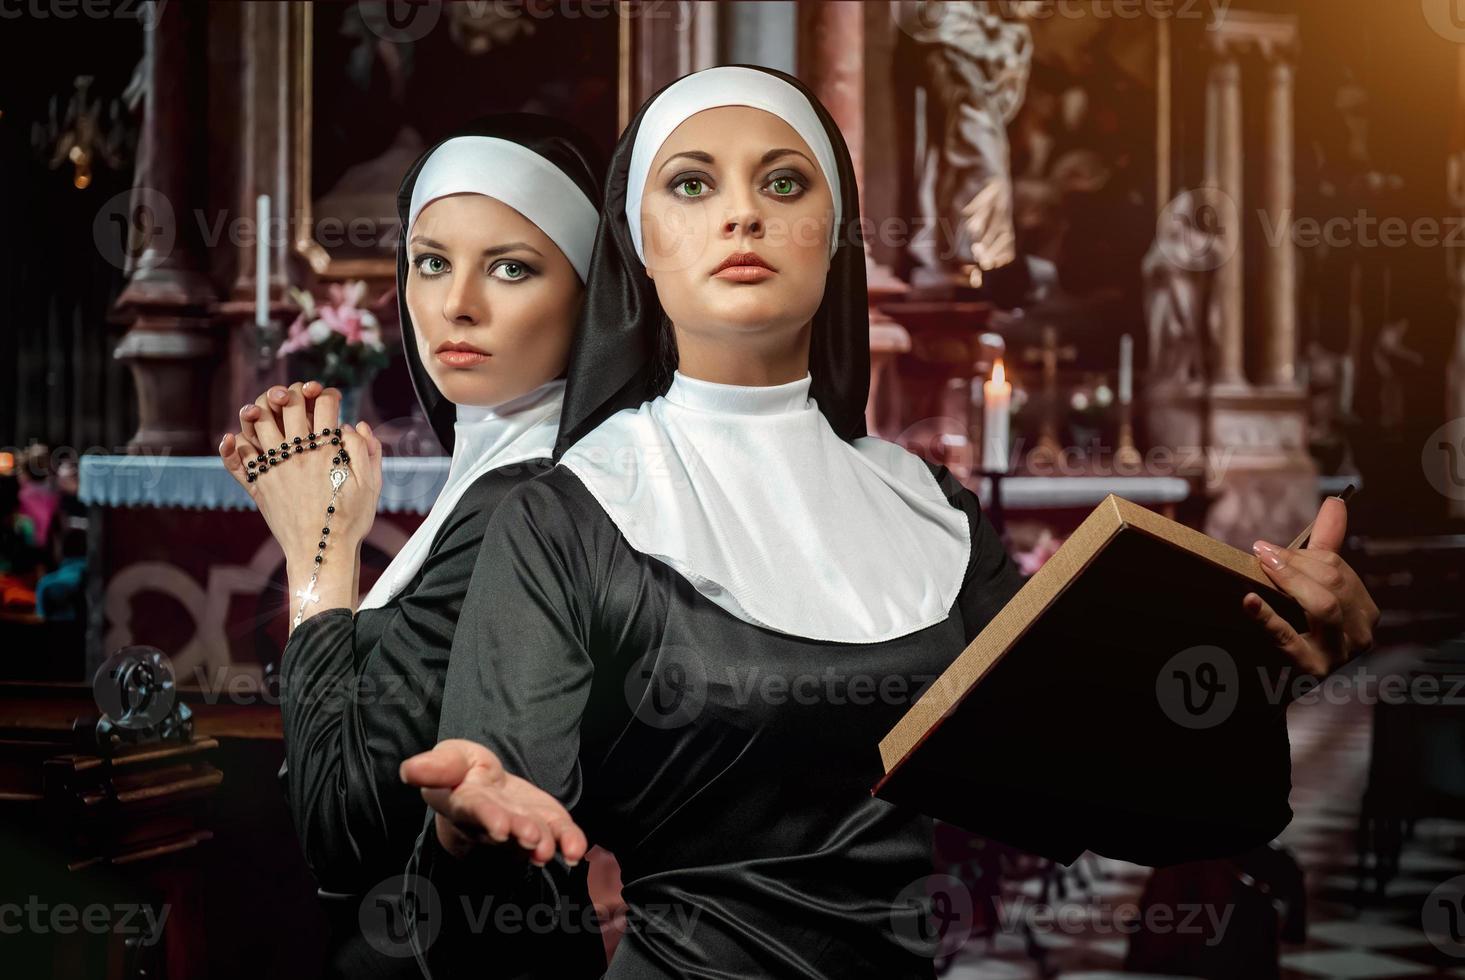 Nuns photo